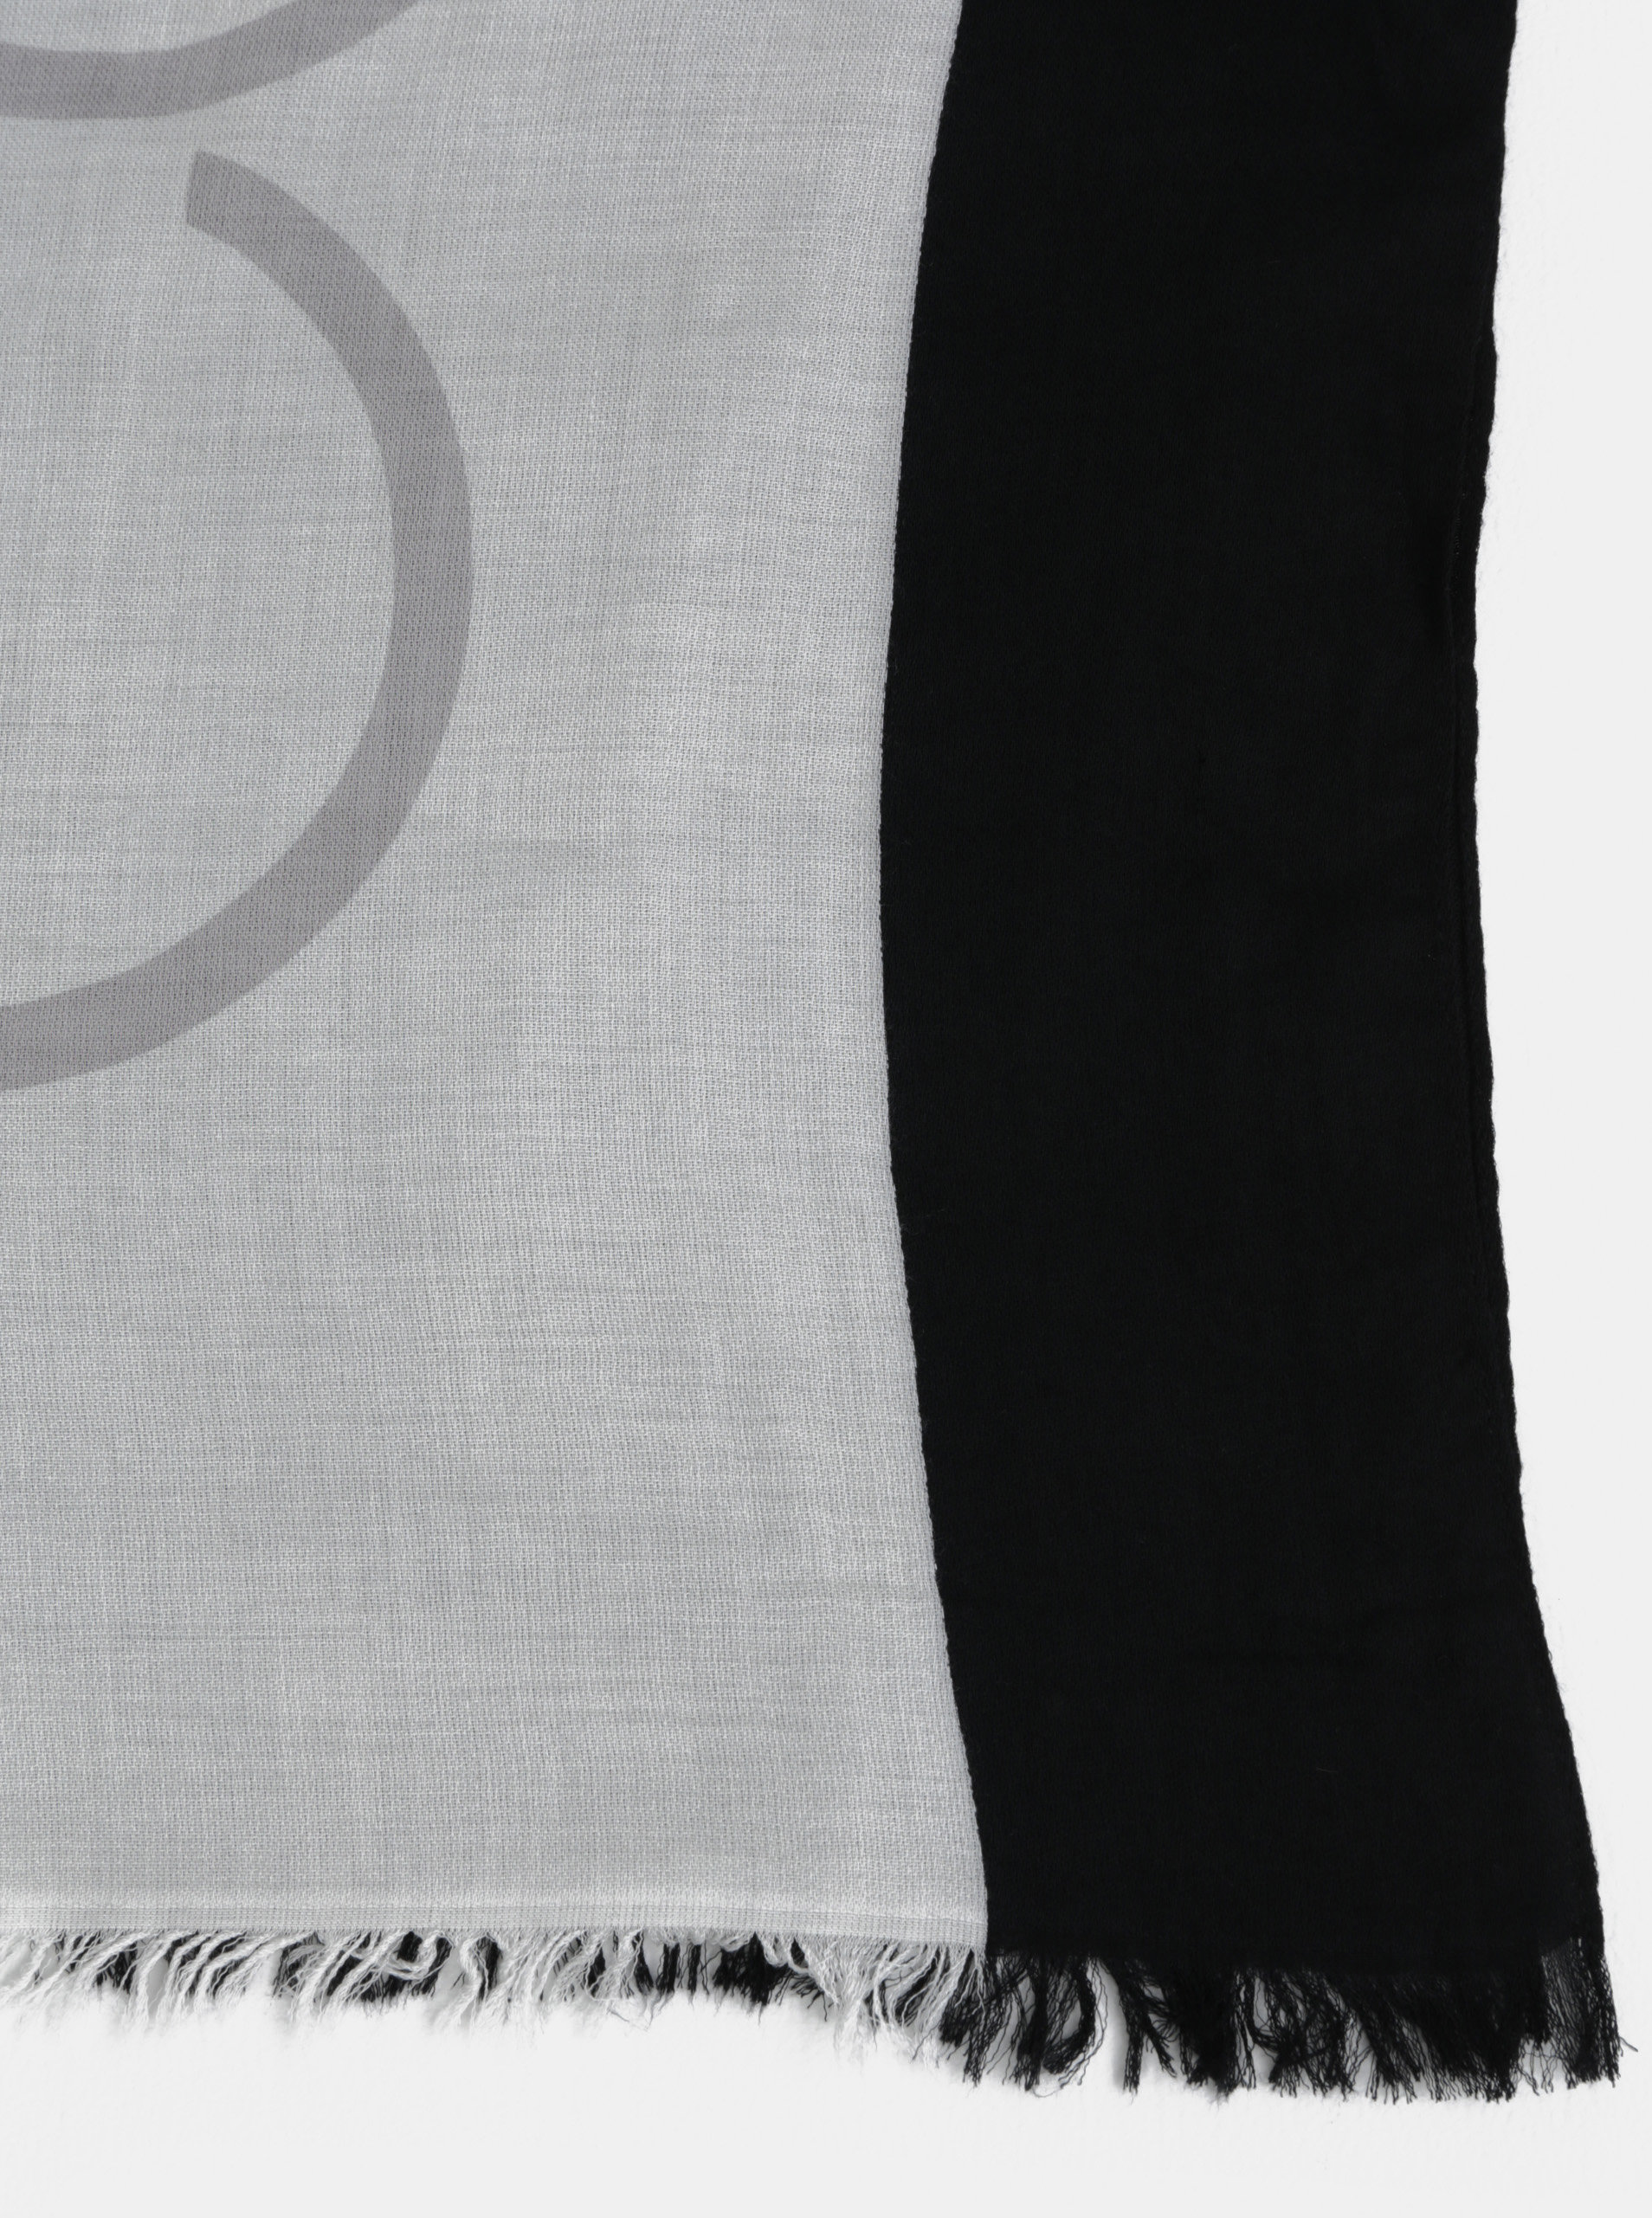 Bílo-černý dámský šátek Calvin Klein Jeans ... 01096f2165